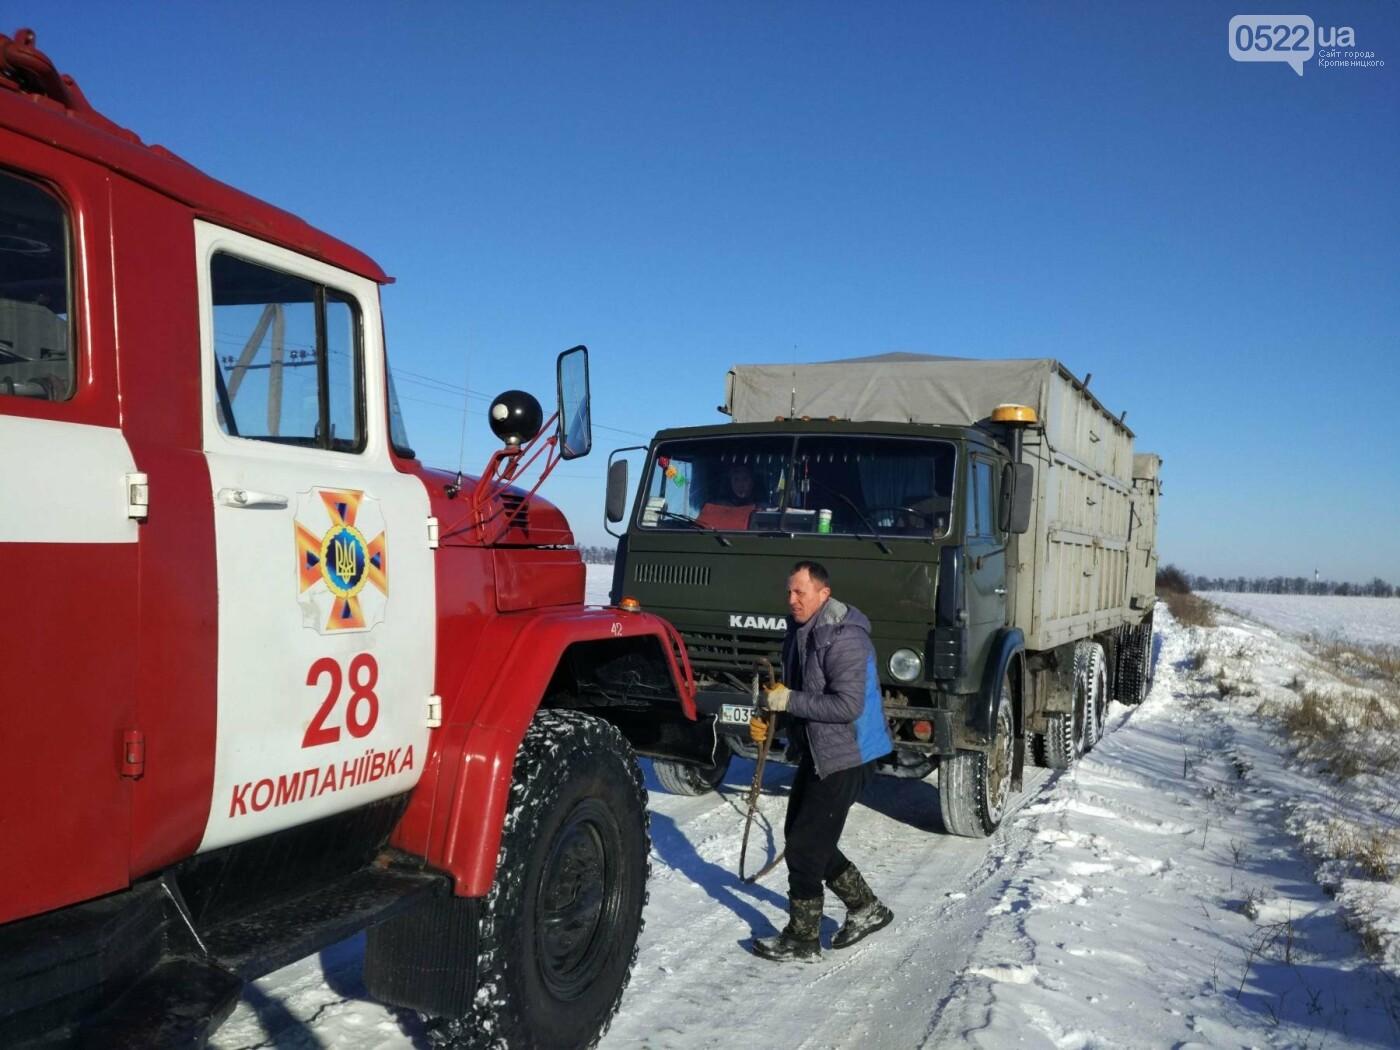 Кіровоградська область: минулої доби рятувальники відбуксирували 9 автомобілів із складних ділянок автошляхів, фото-5